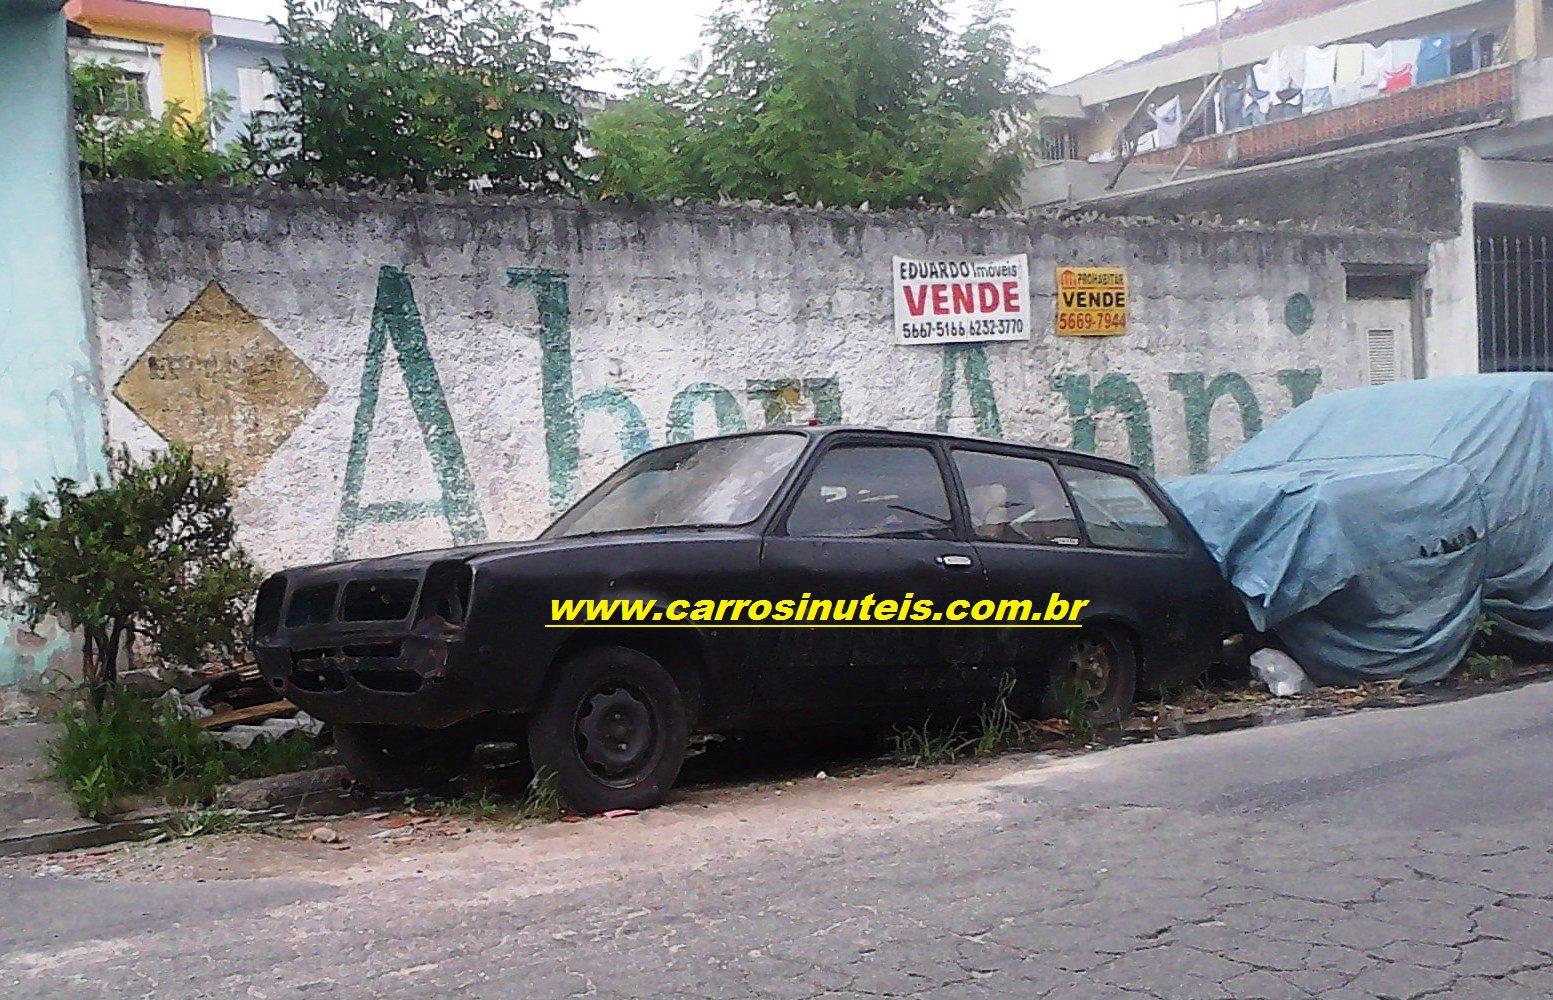 chevete-marajó-sp-capital.Rodolfo Chevrolet Marajó, Rodolfo, cidade de São Paulo, SP